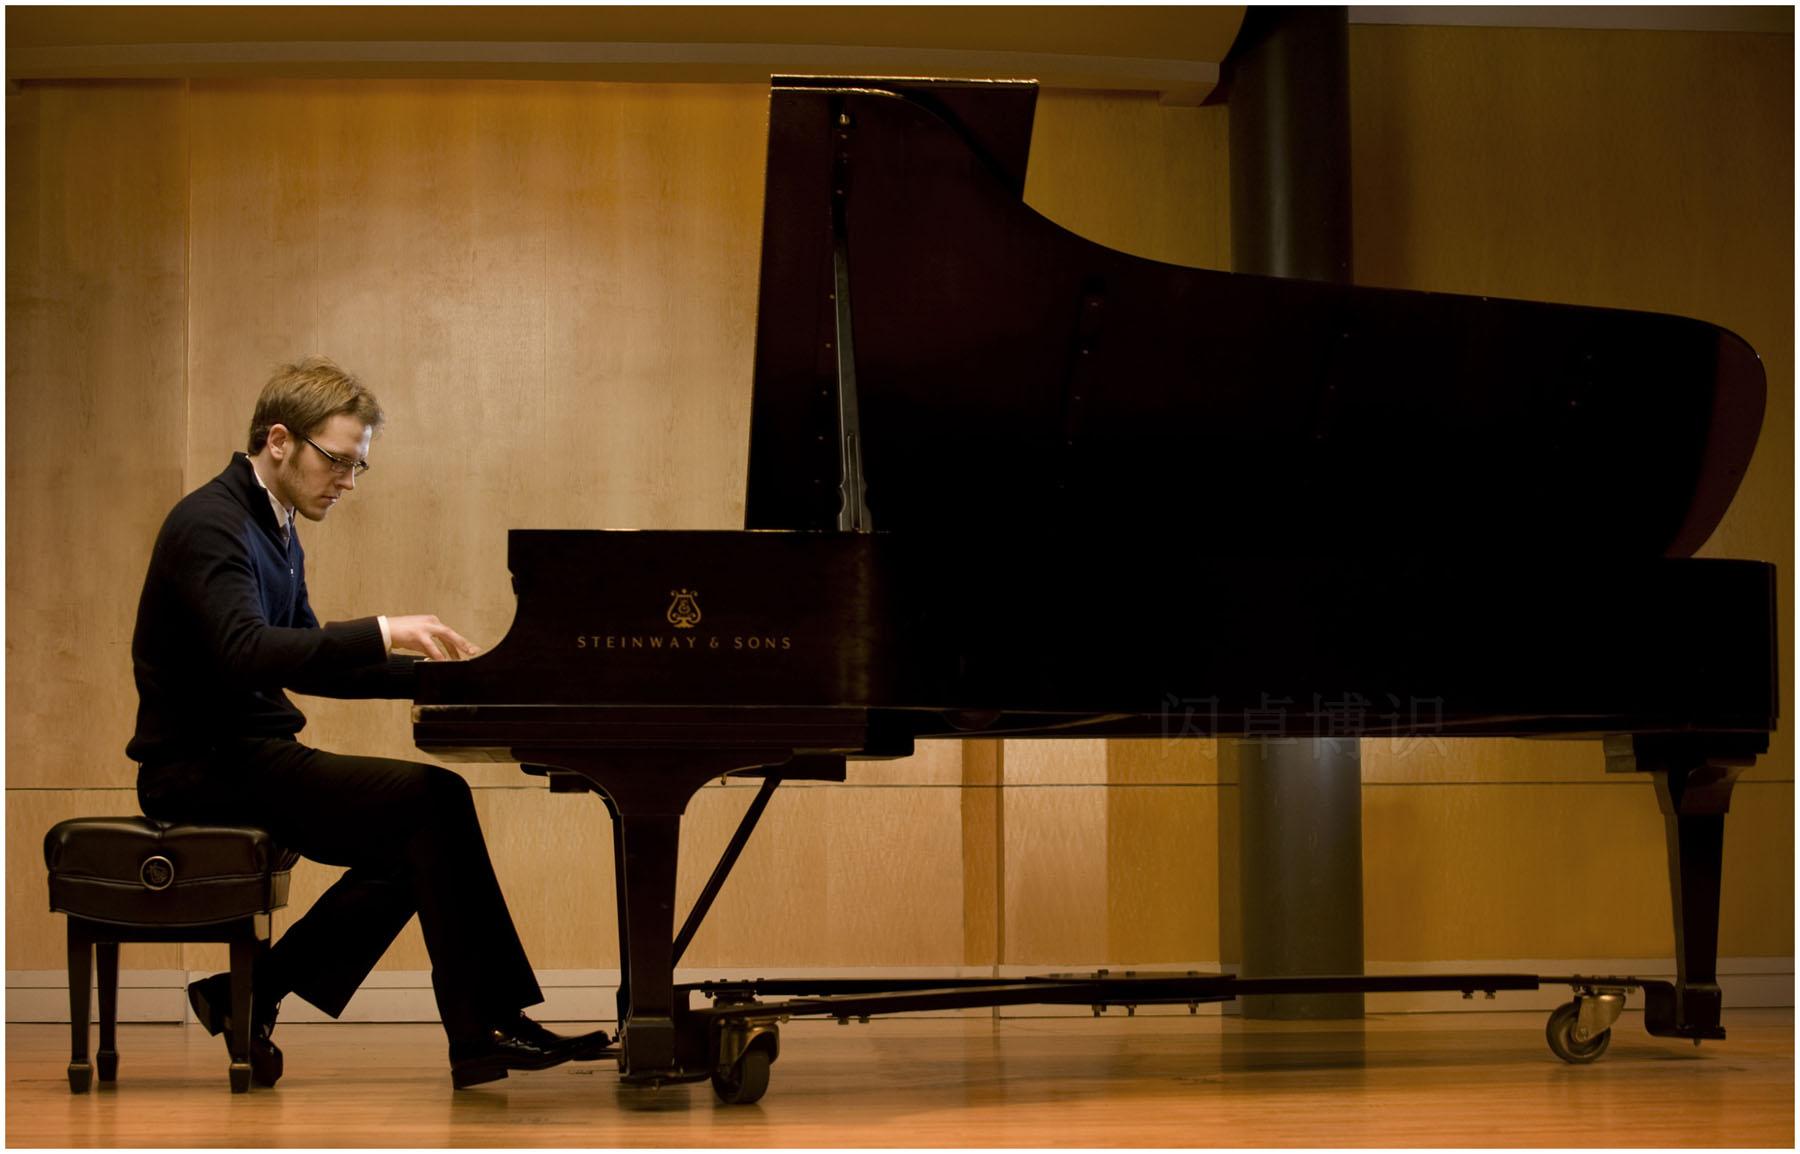 钢琴作品中右踏板的用法介绍